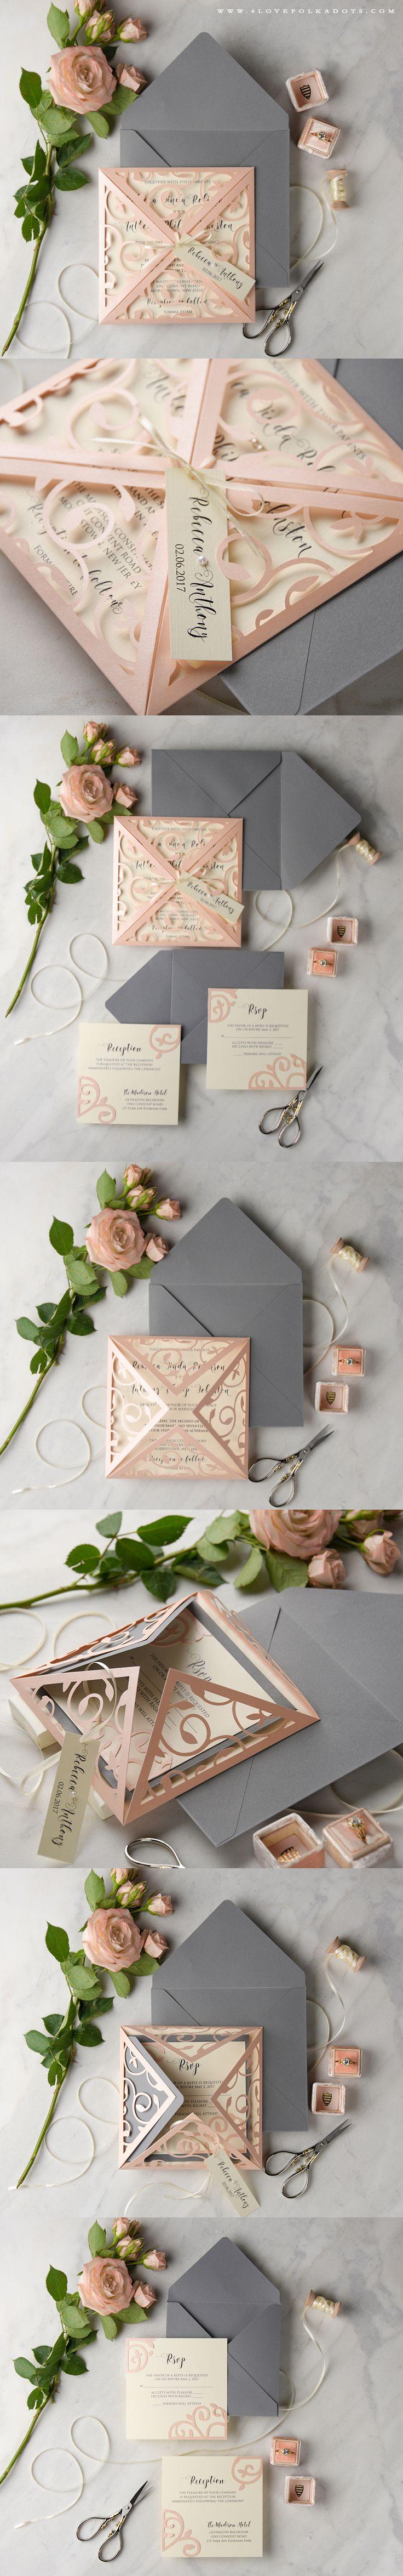 Blush & Grey Laser Cut Lace Wedding Invitation #weddingideas #summerwedding